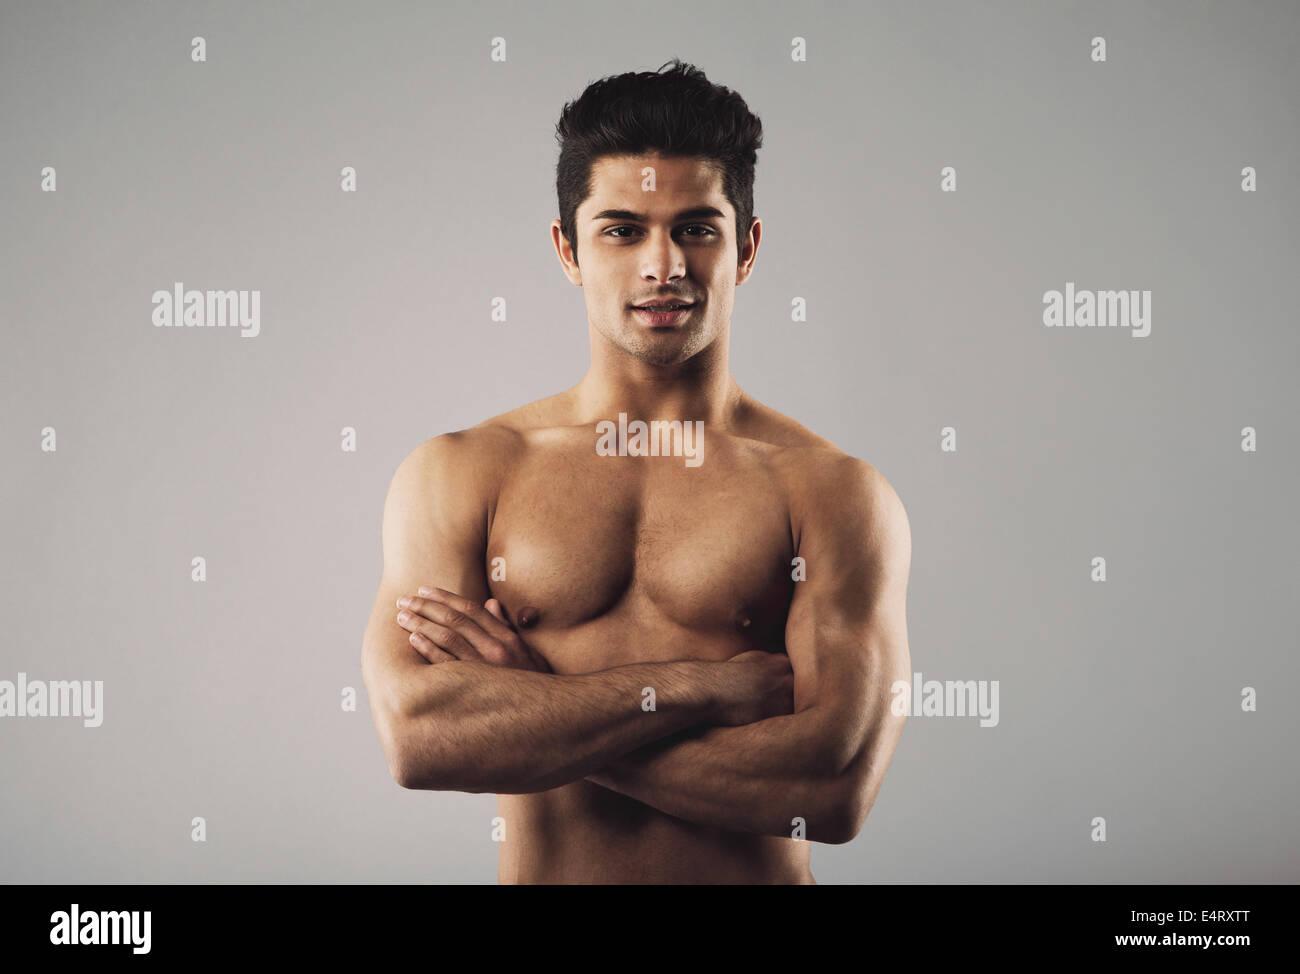 Ritratto di un bare-chested muscolare di uomo in piedi con le braccia incrociate. Montare e maschile giovane uomo Immagini Stock